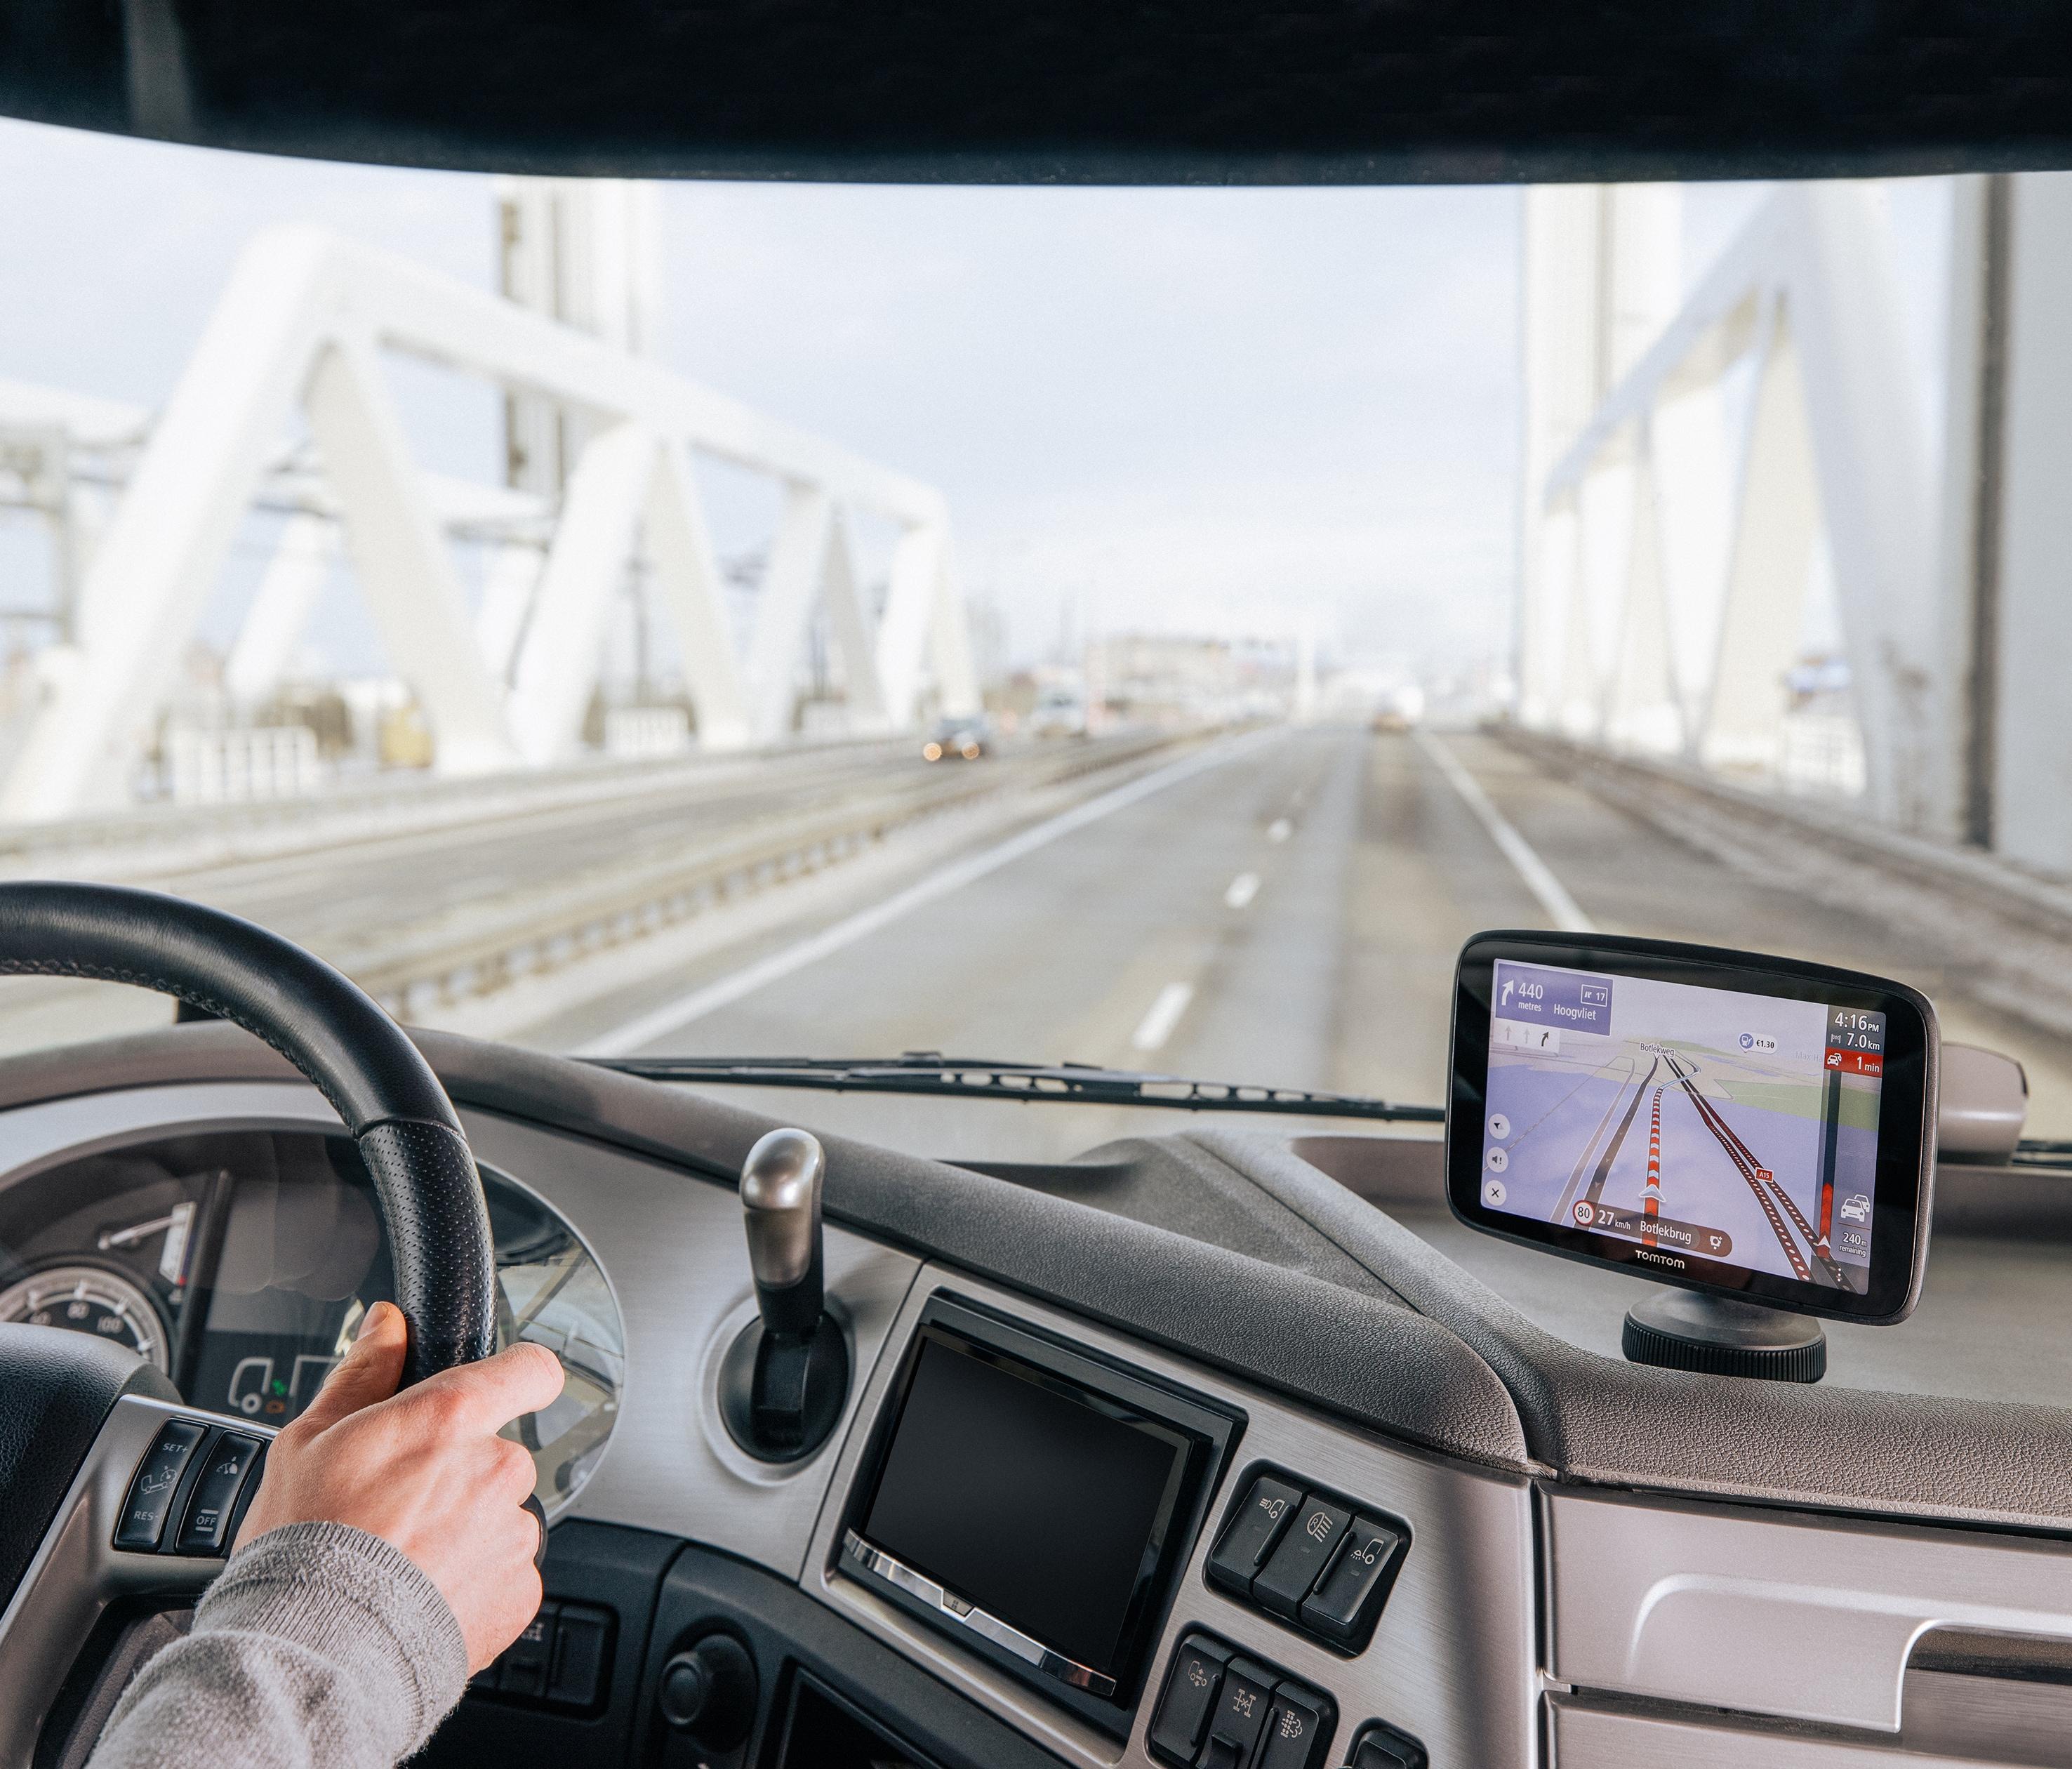 TomTom Truck GPS Navigation GO Expert